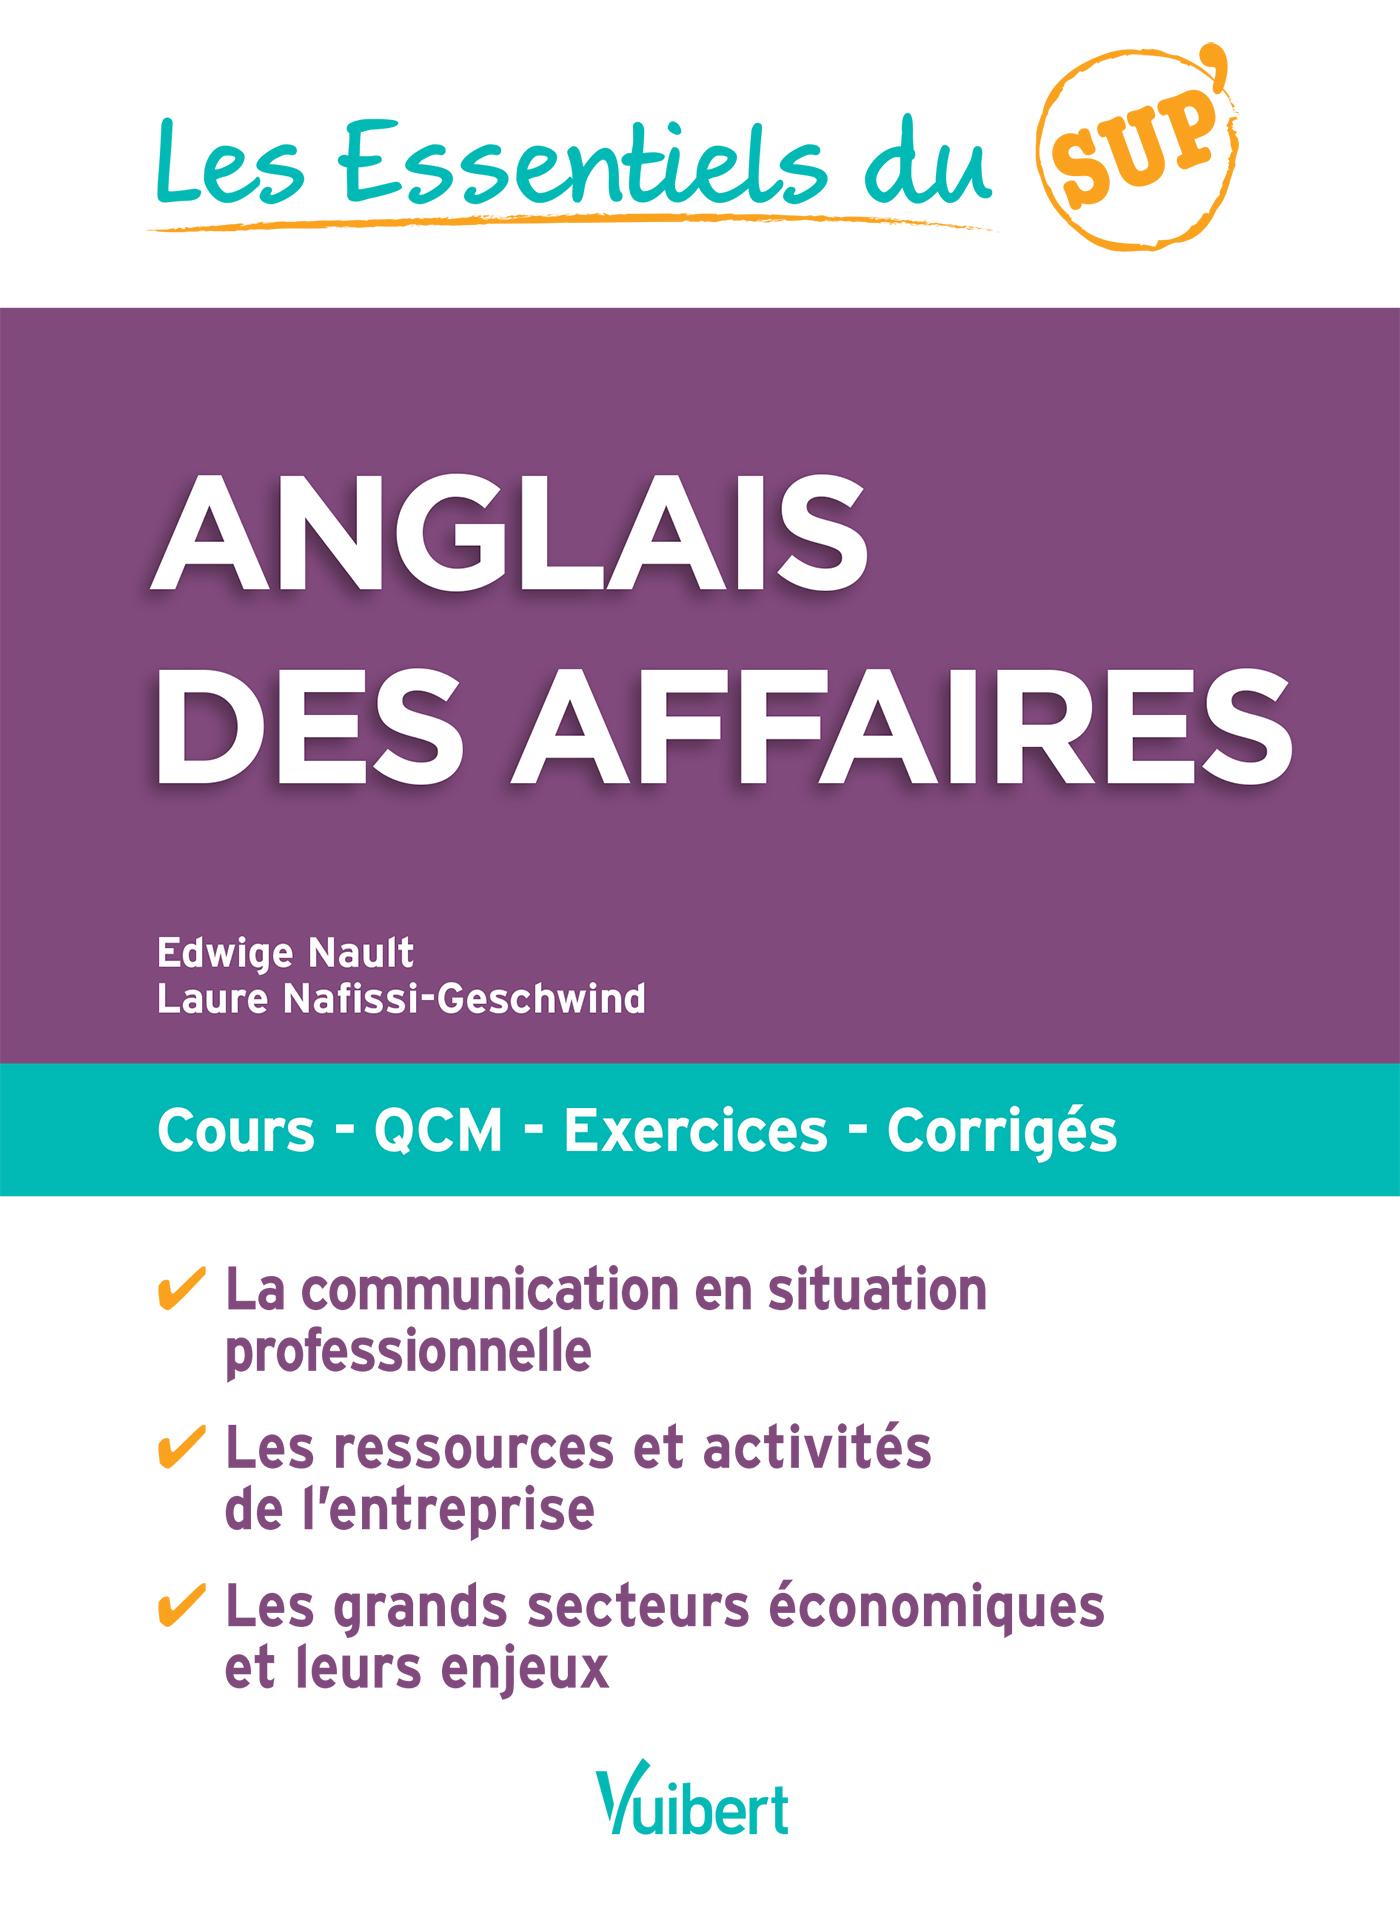 ESSENTIELS SUP ANGLAIS DES AFFAIRES (LES)